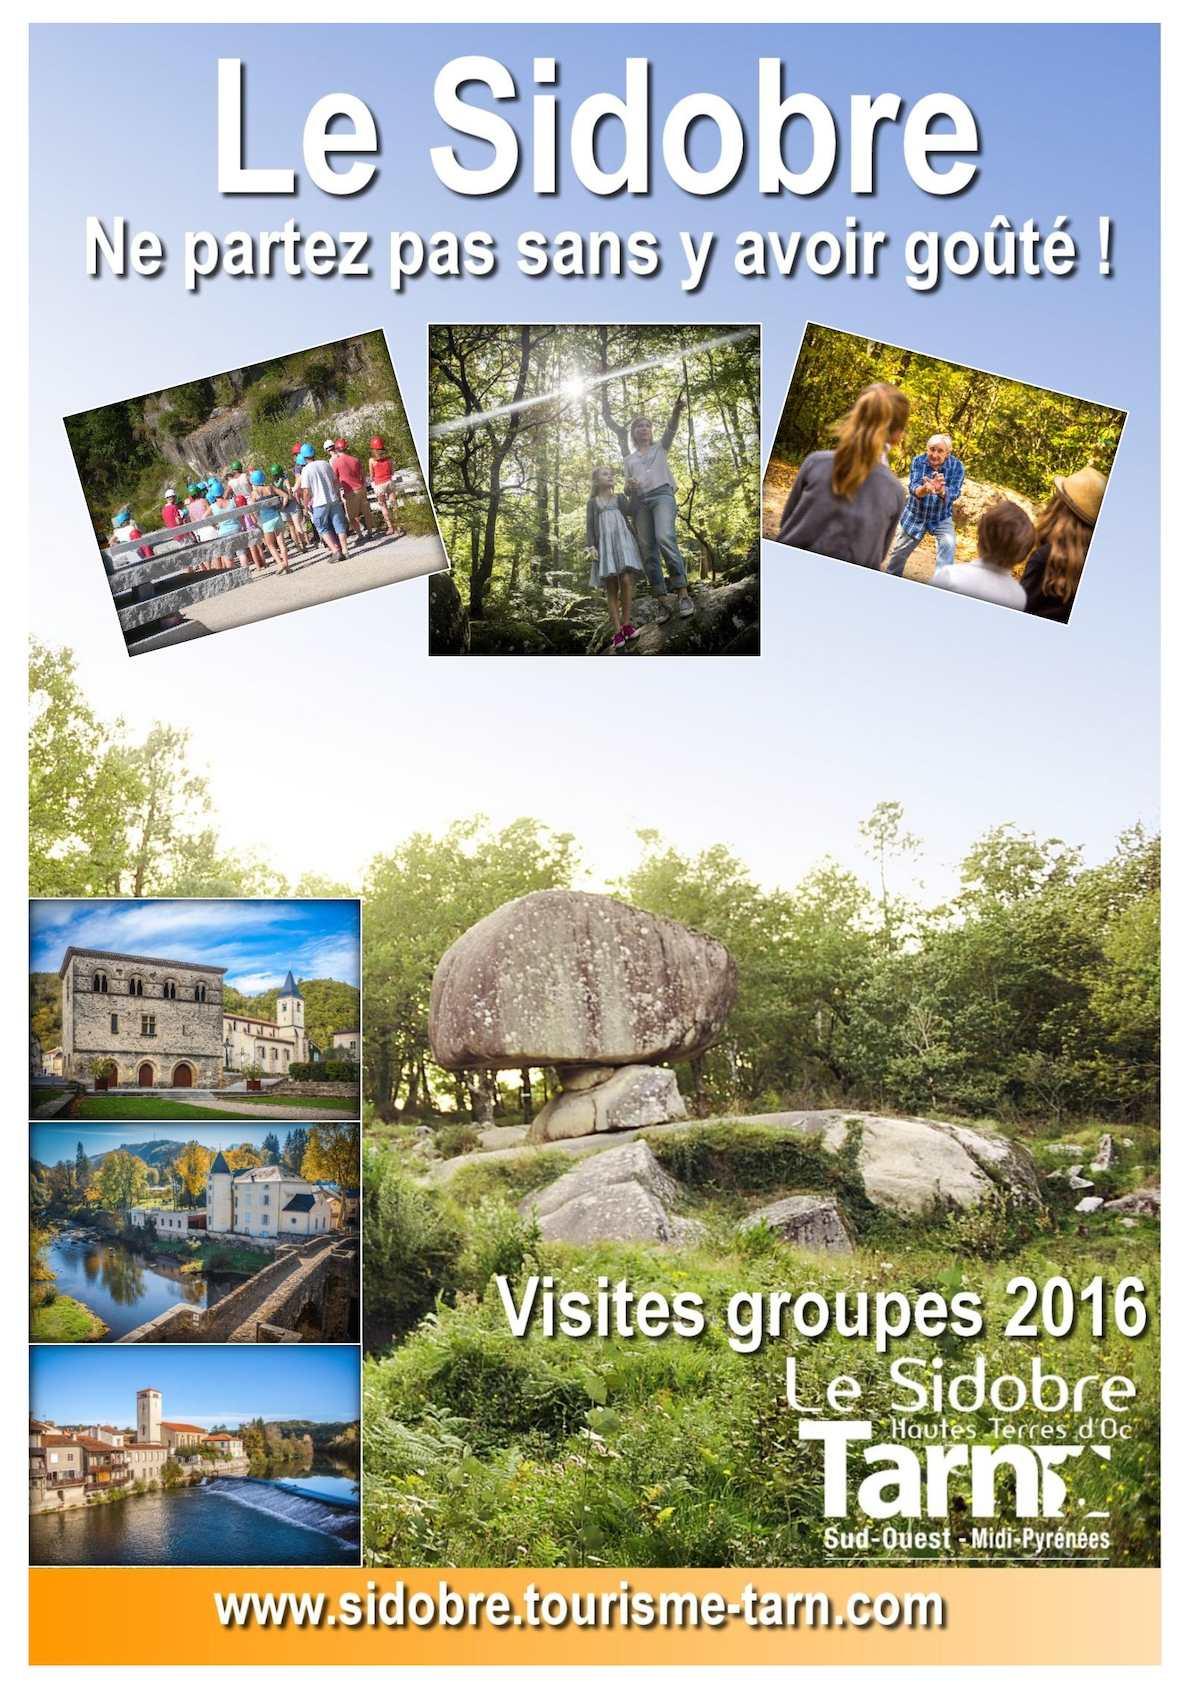 Visites Groupes 2016 dans le Sidobre - Tarn - Sud-Ouest